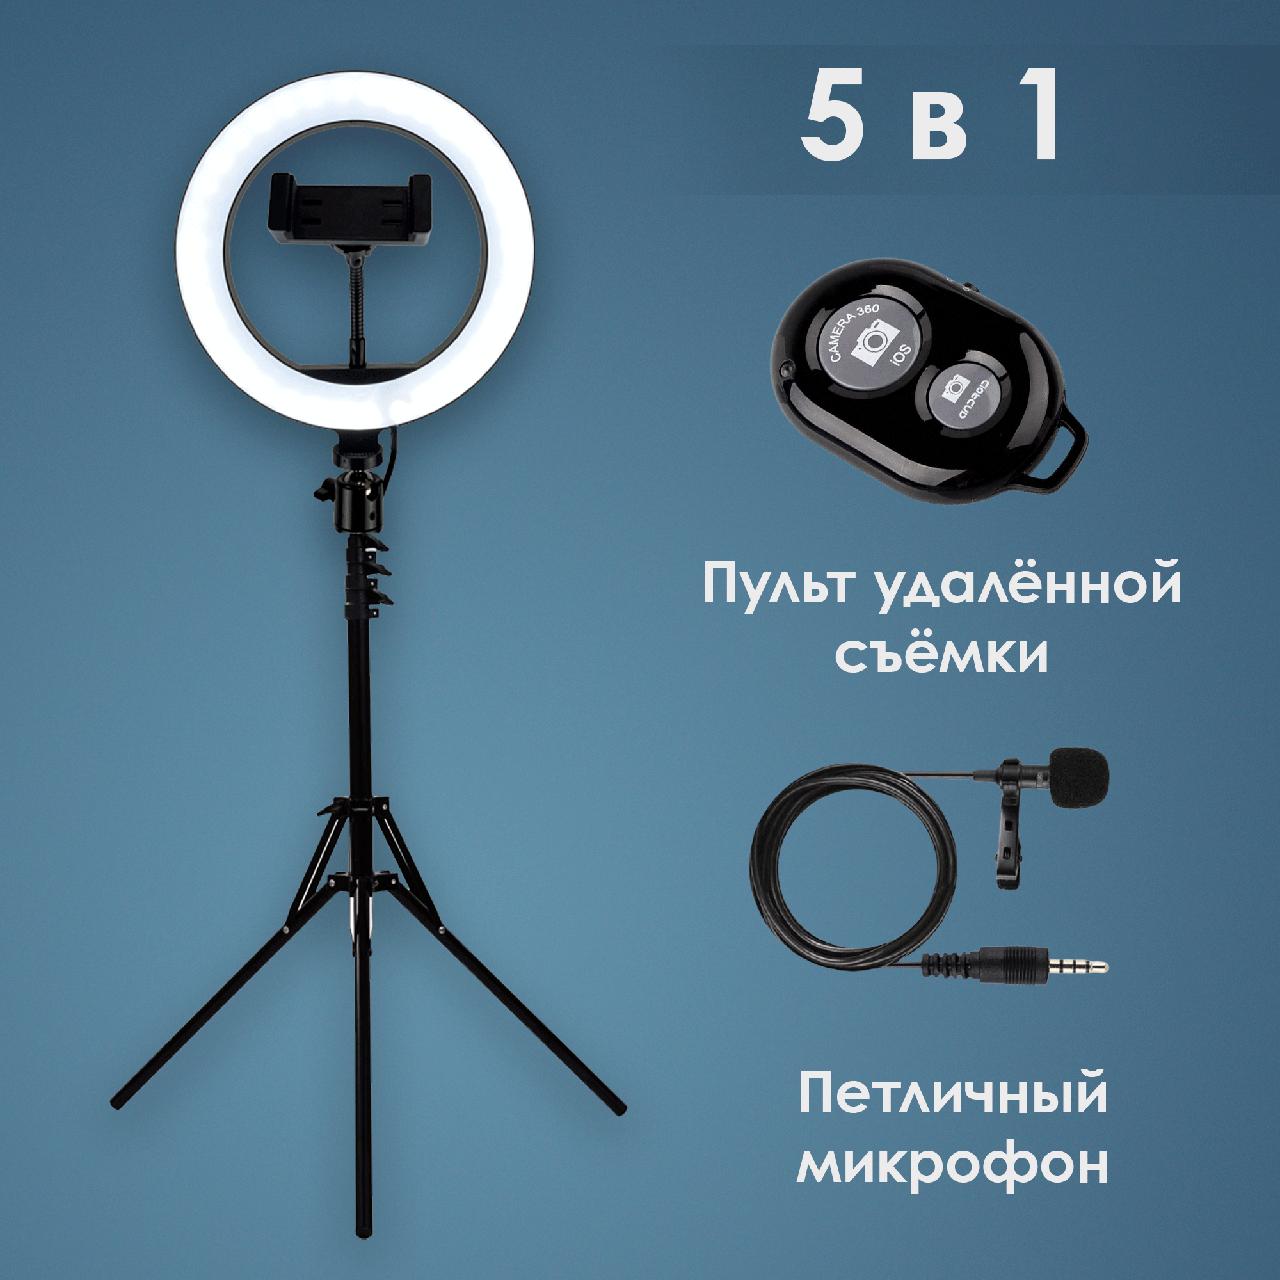 Набор для блогера 5 в 1 кольцевая лампа 20 см со штативом на 2м лампа для селфи лампа для тик тока